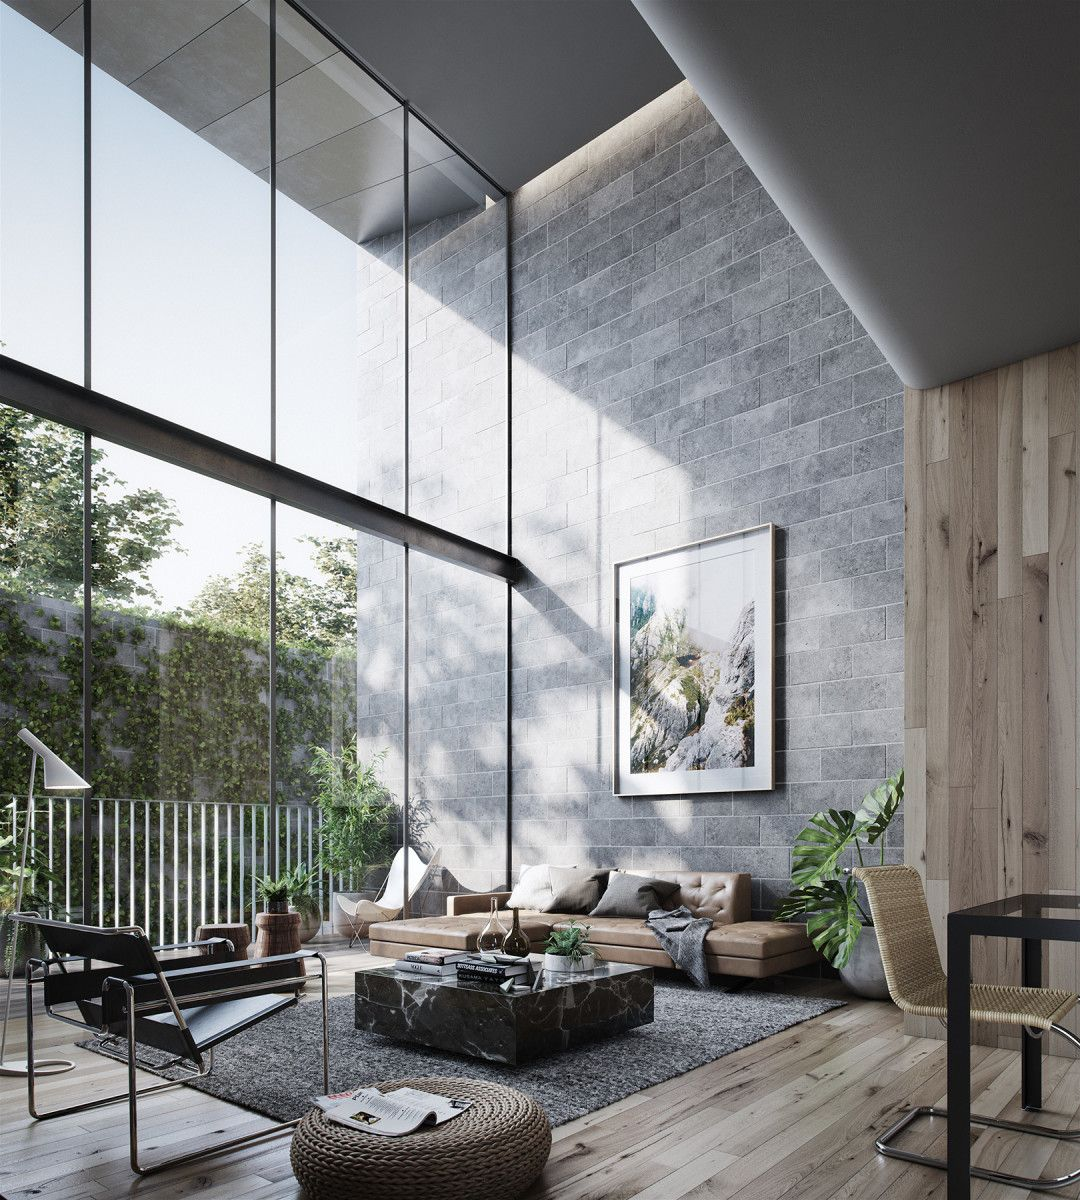 Hunian dengan gaya interior modern - source: pinterest.com